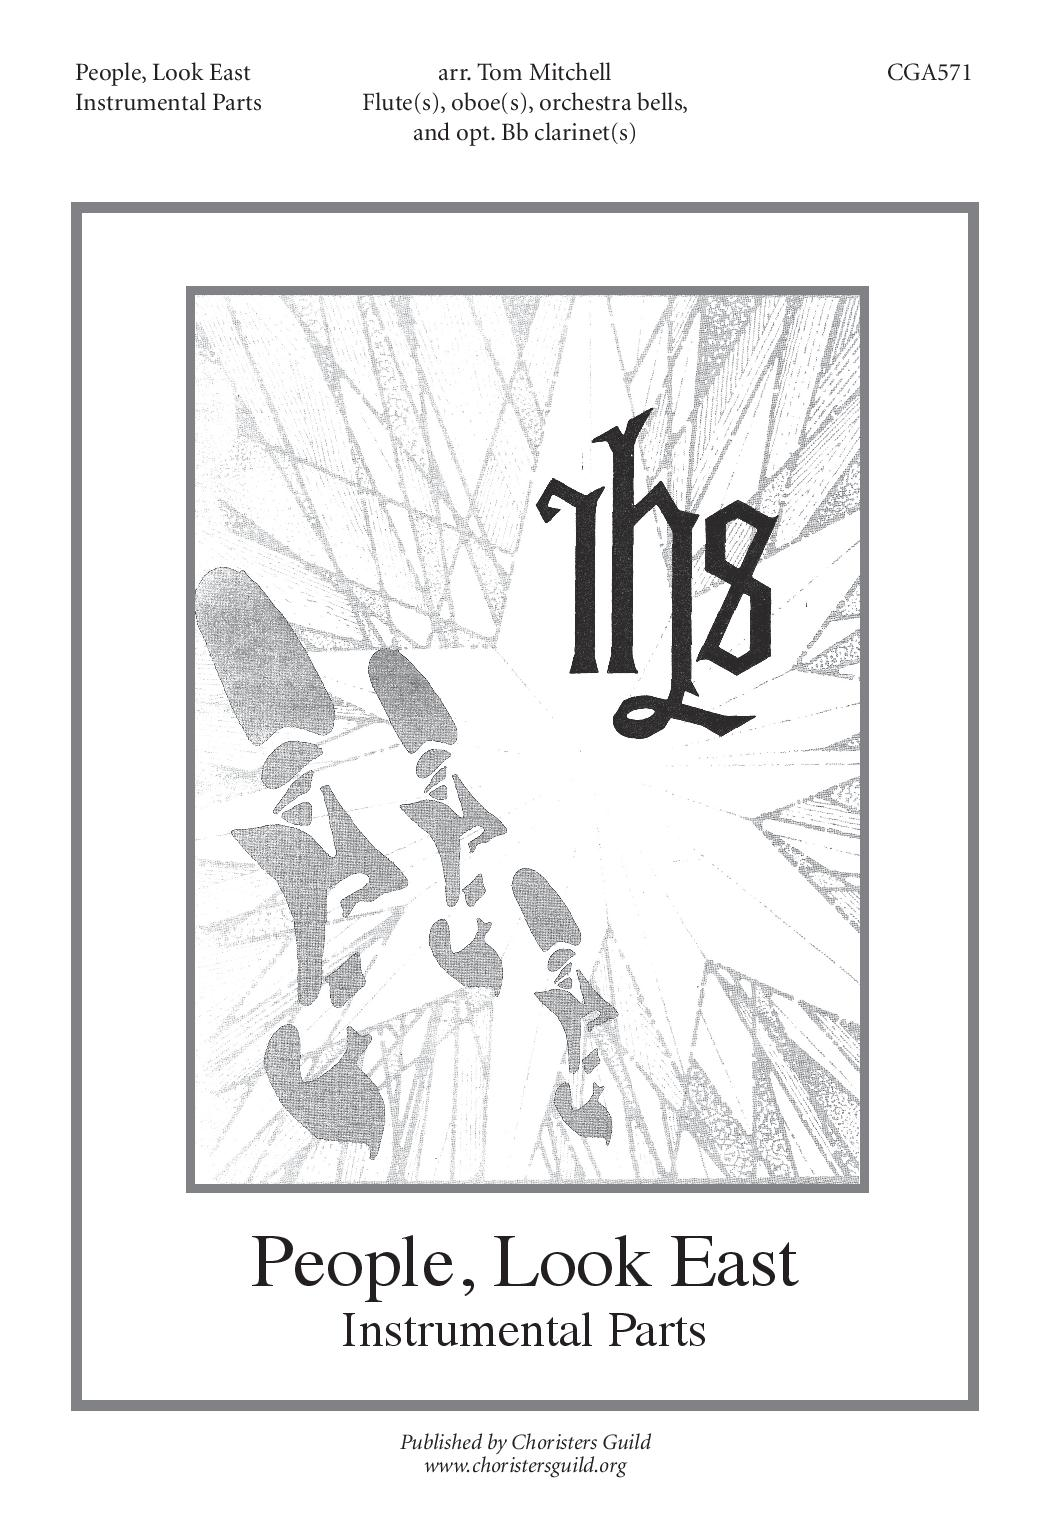 People, Look East Instrumental Parts